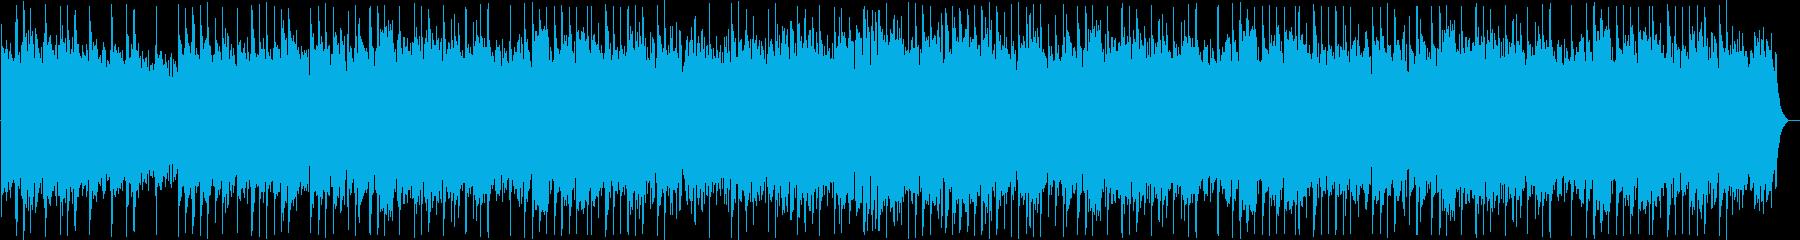 和風の弦楽器・シンセサイザーサウンドの再生済みの波形